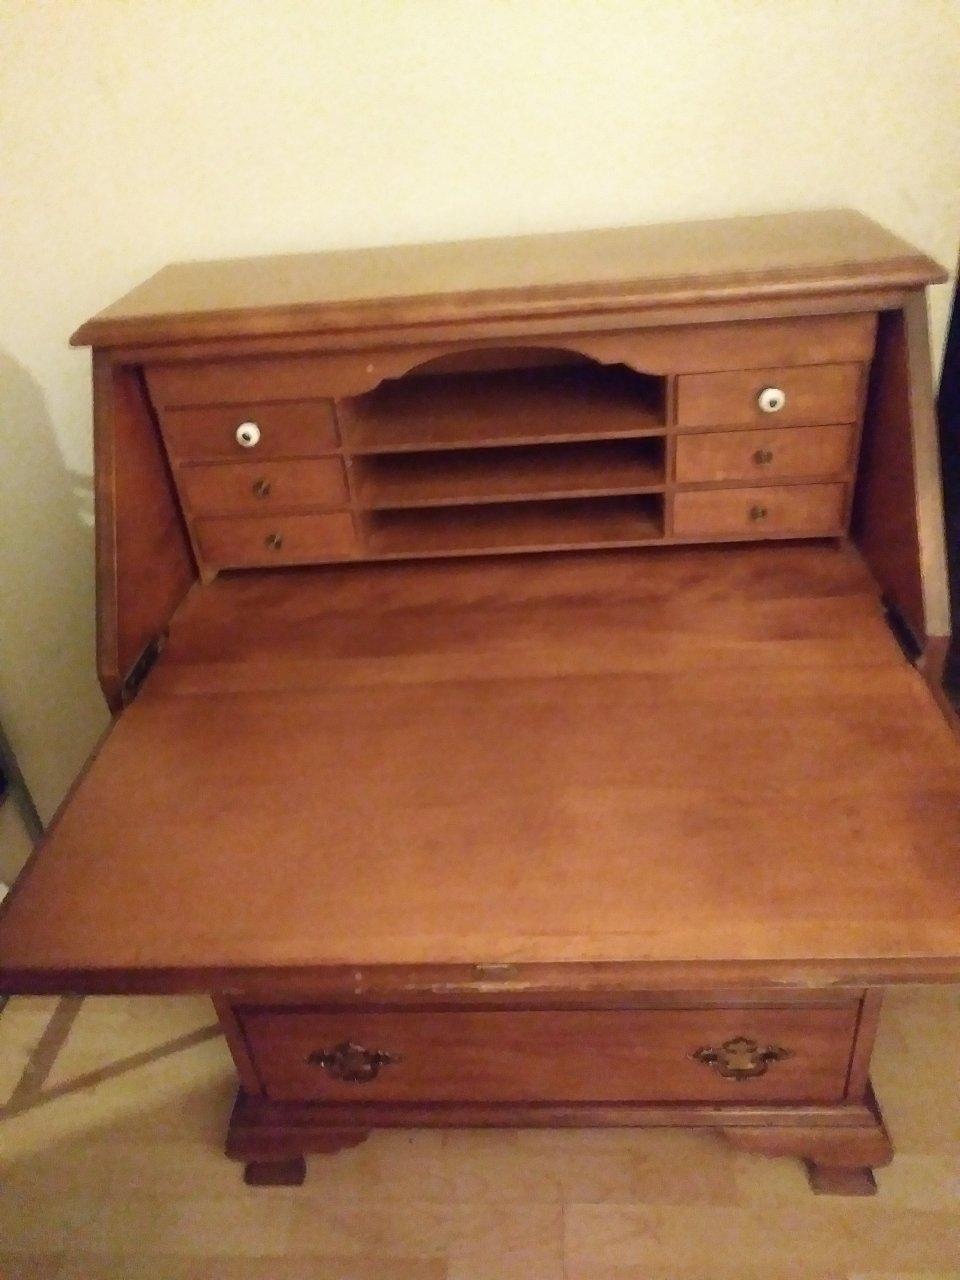 I Have A Jasper Secretary Desk Without A Hutch Desk Only